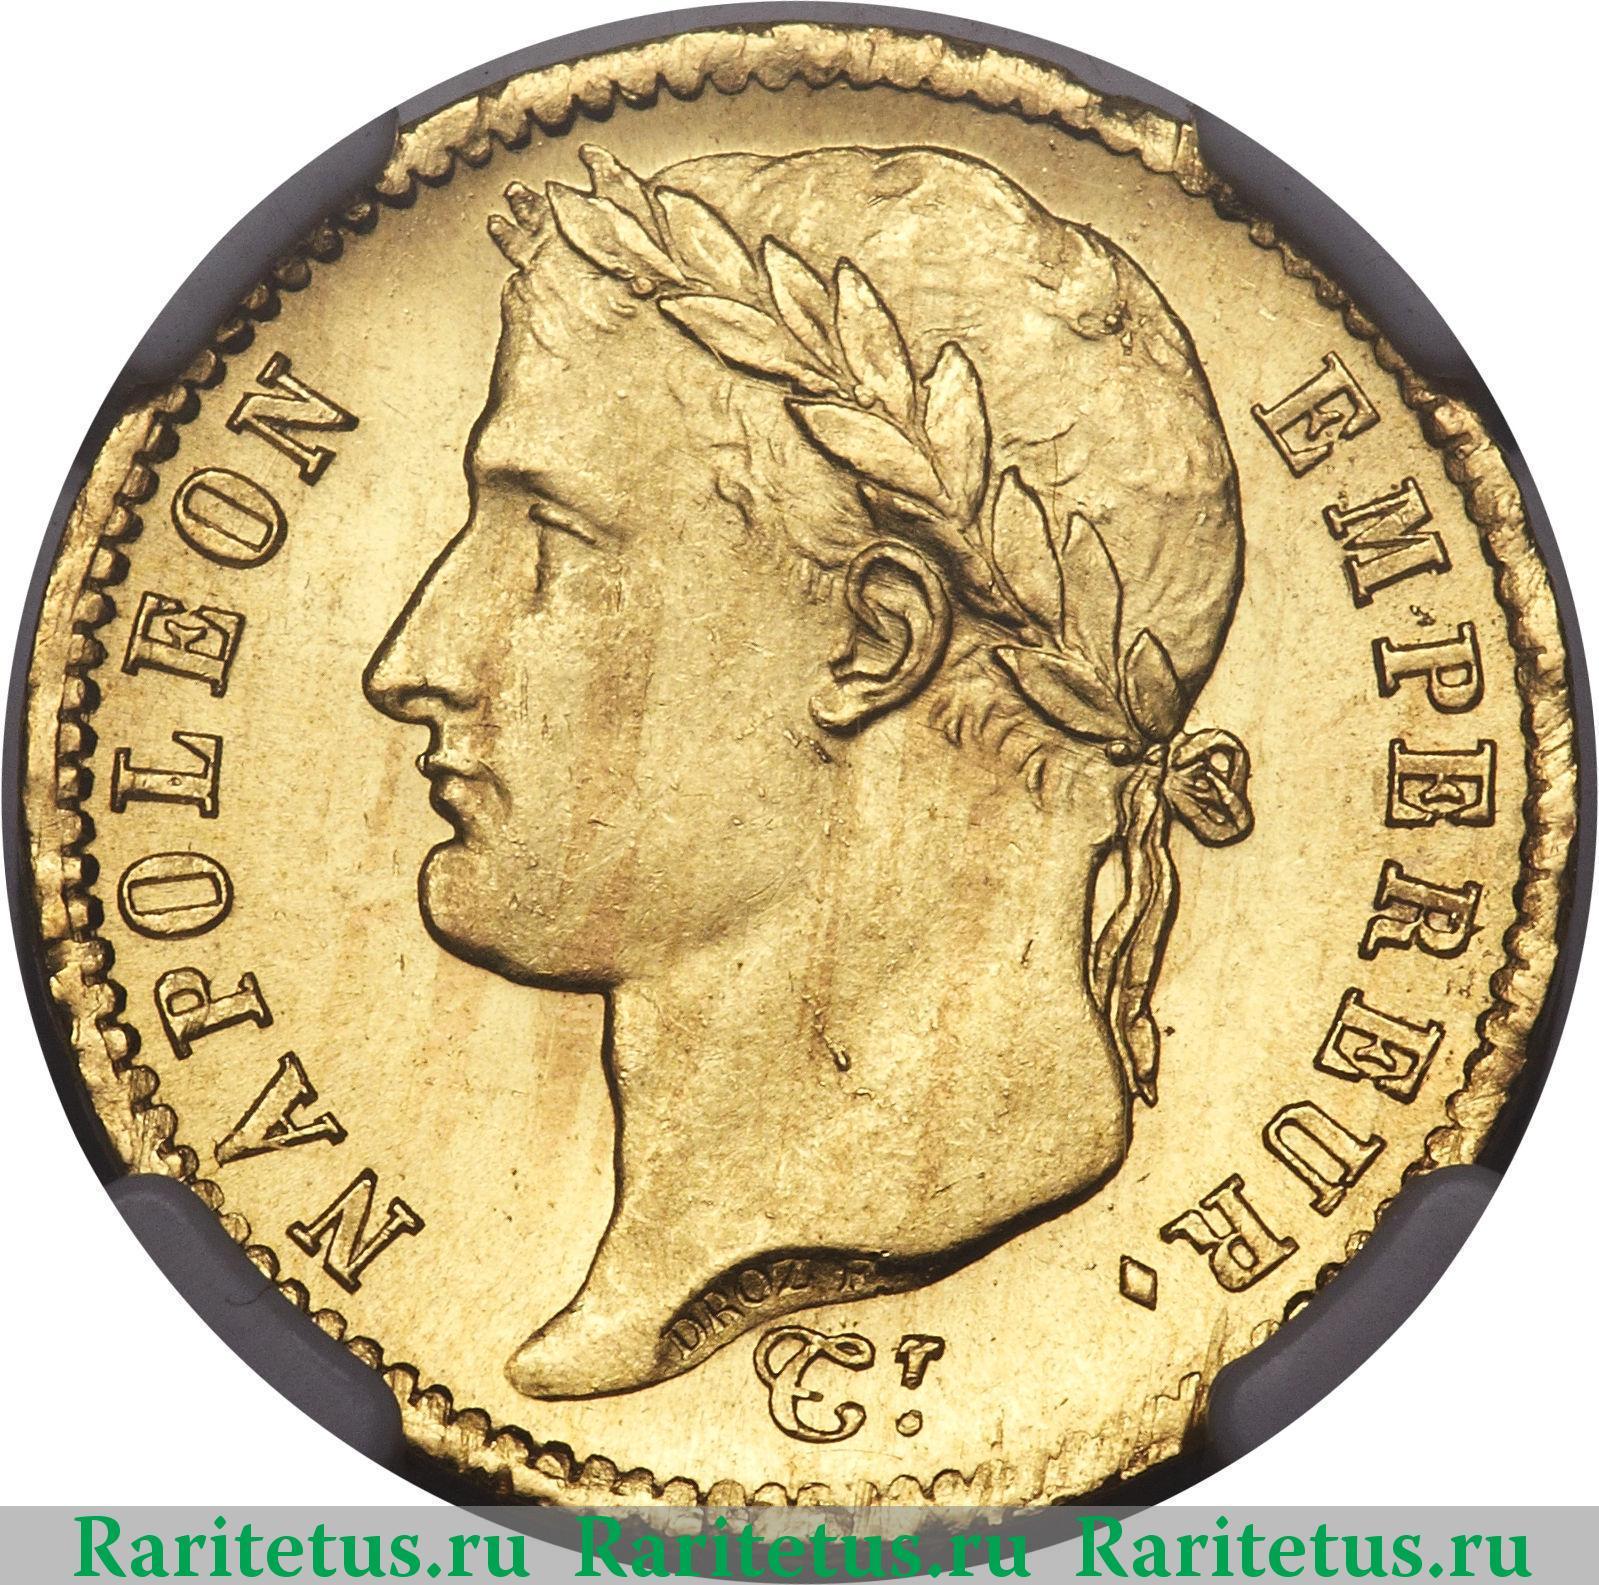 Наполеондор цена серебряная монета близнецы 2000 франков цена